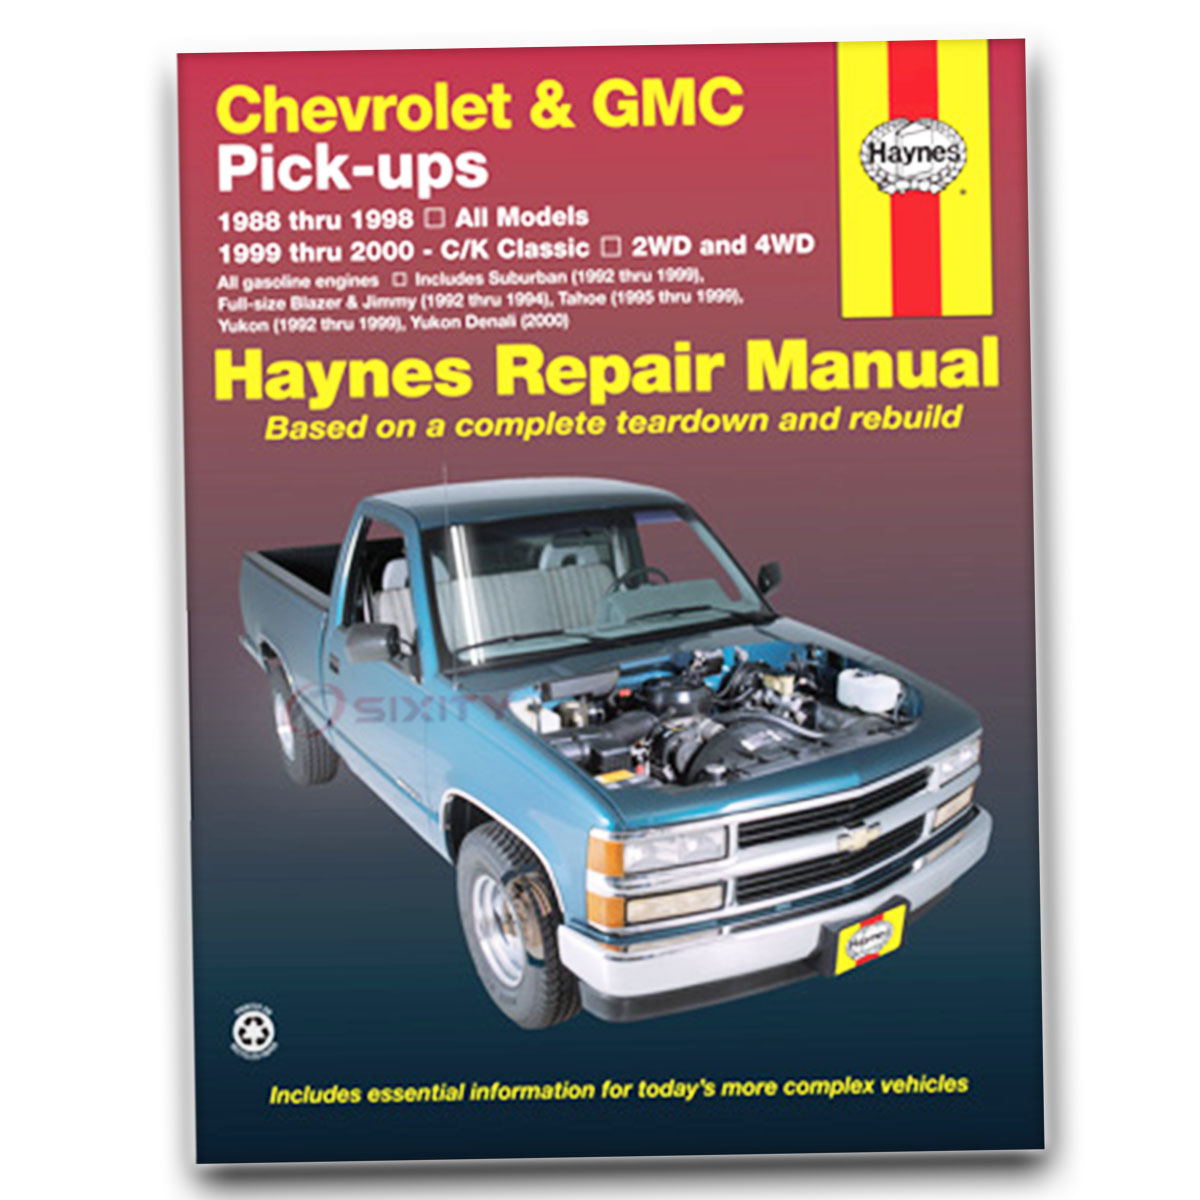 march 2018 rh kandelnyai blogspot com 2003 chevy silverado parts manual 2003 chevy silverado repair manual pdf